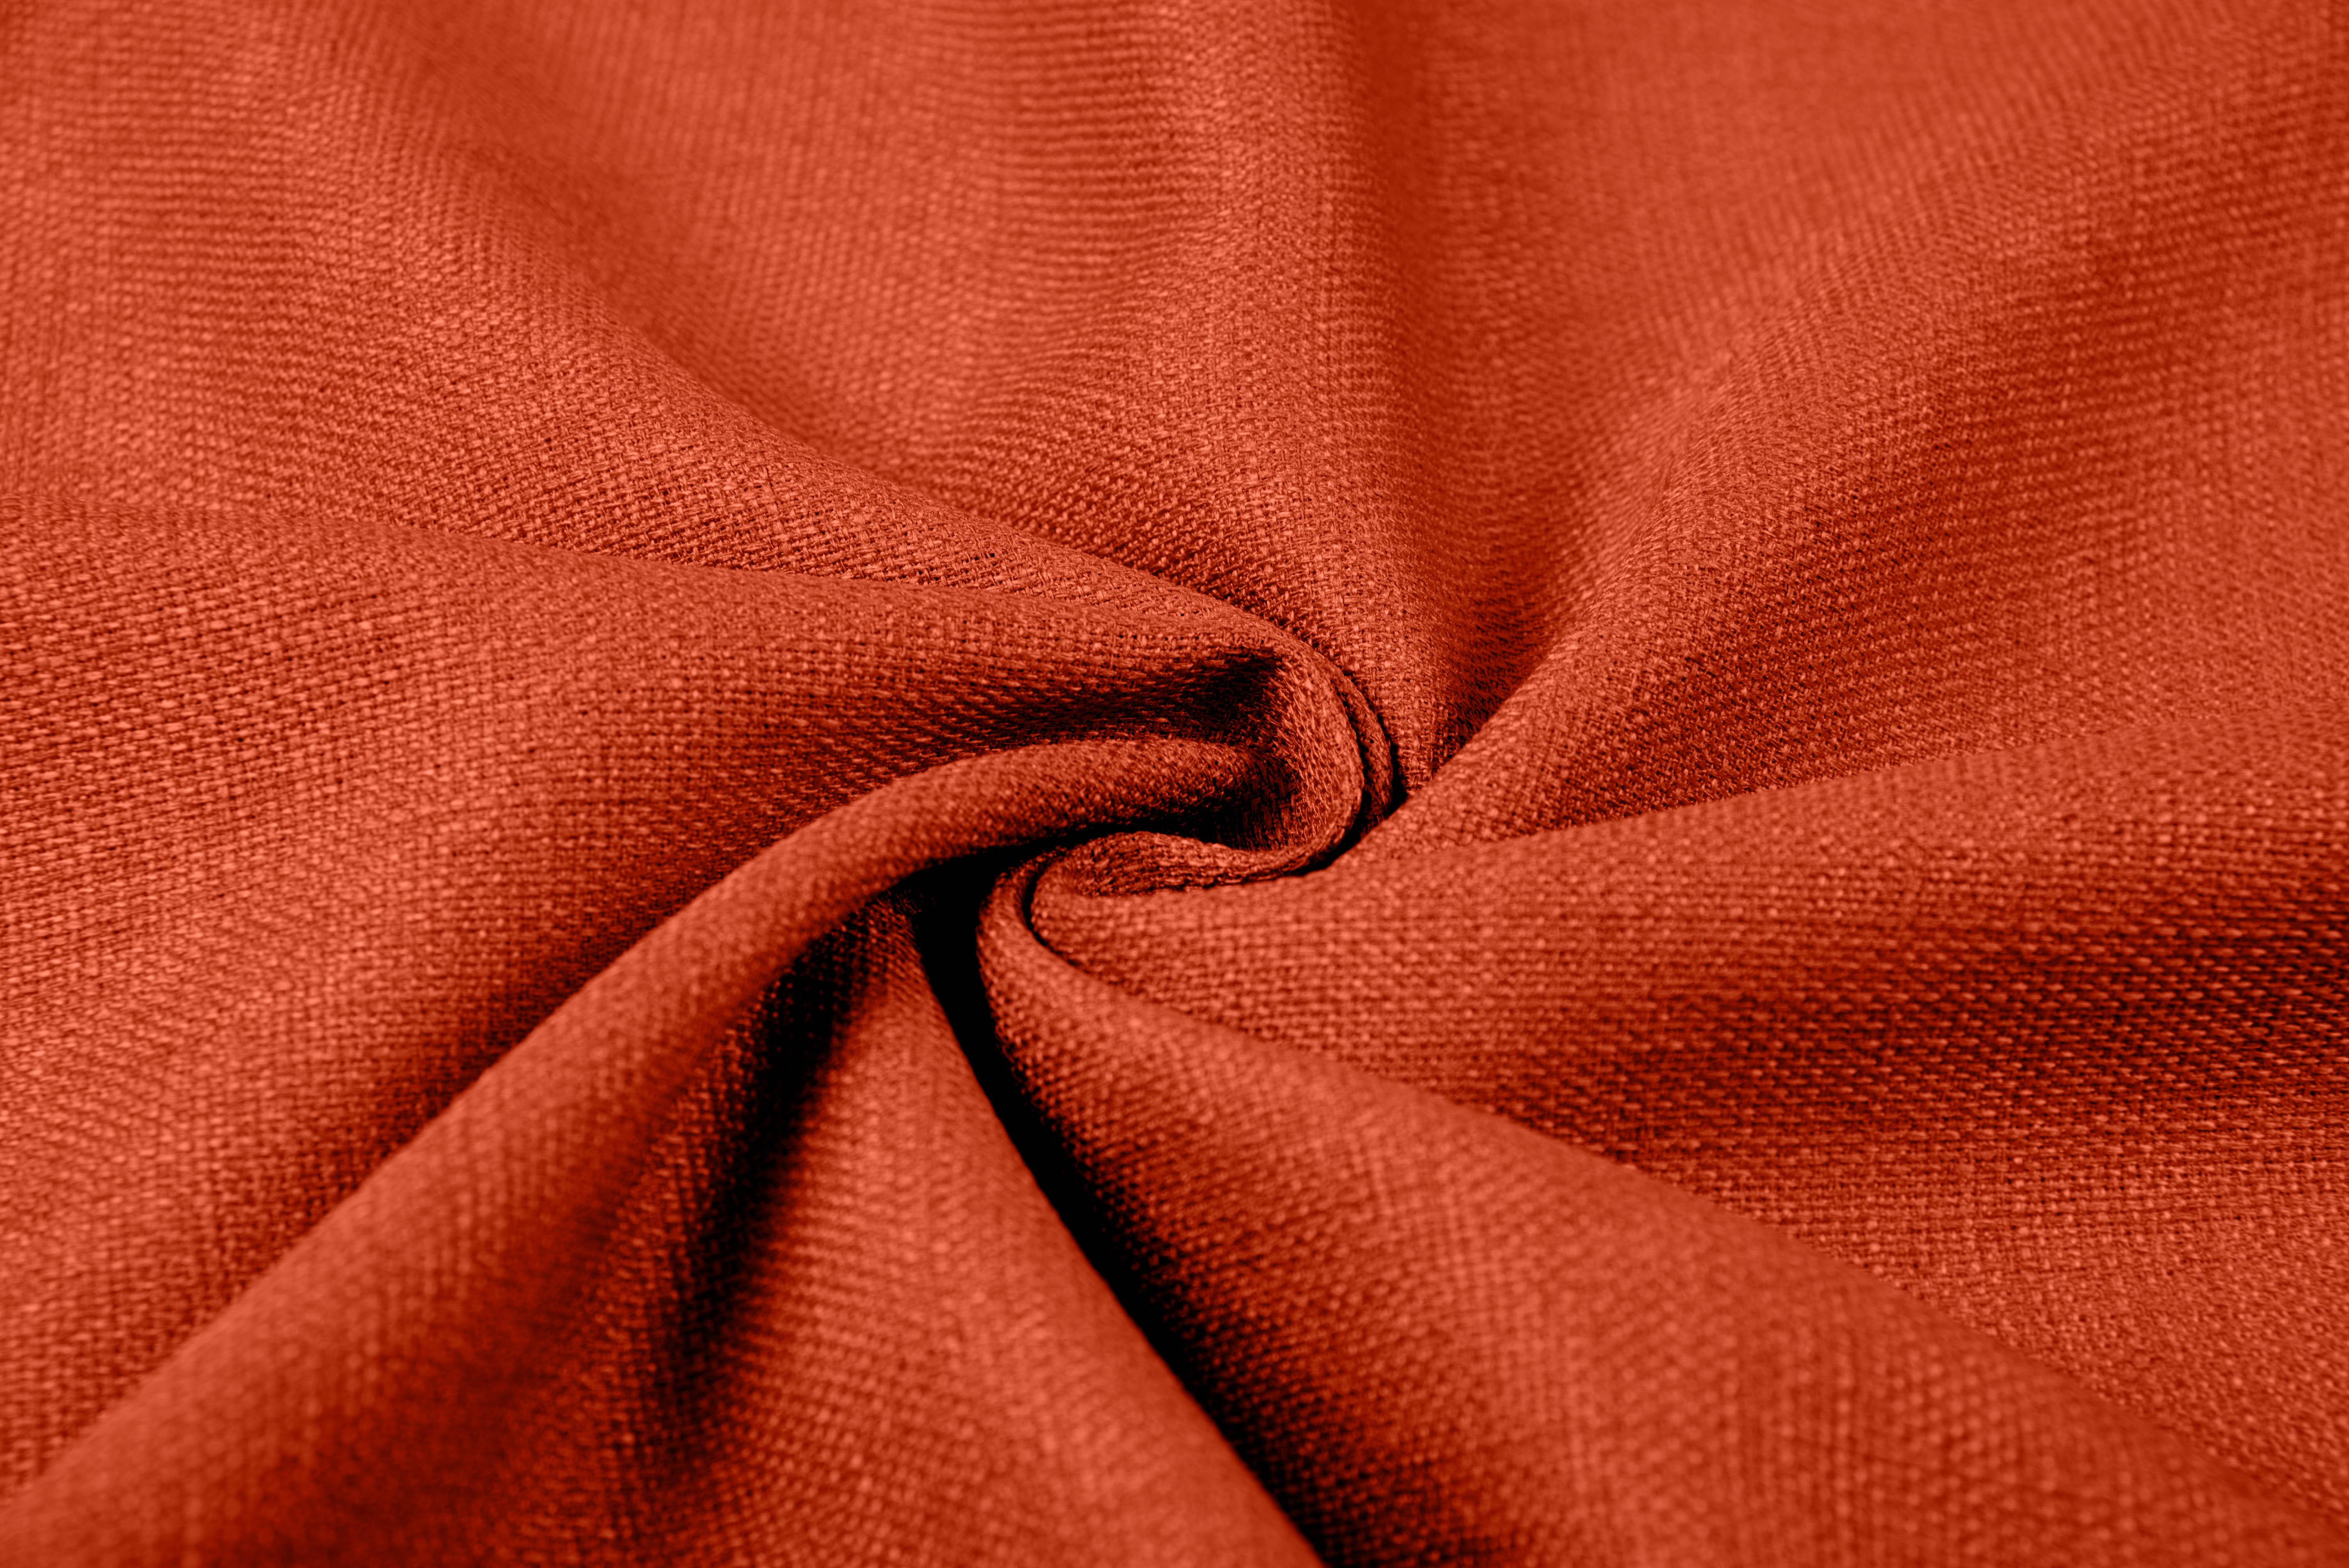 {} TexRepublic Материал Портьерная ткань Tough Цвет: Терракотовый